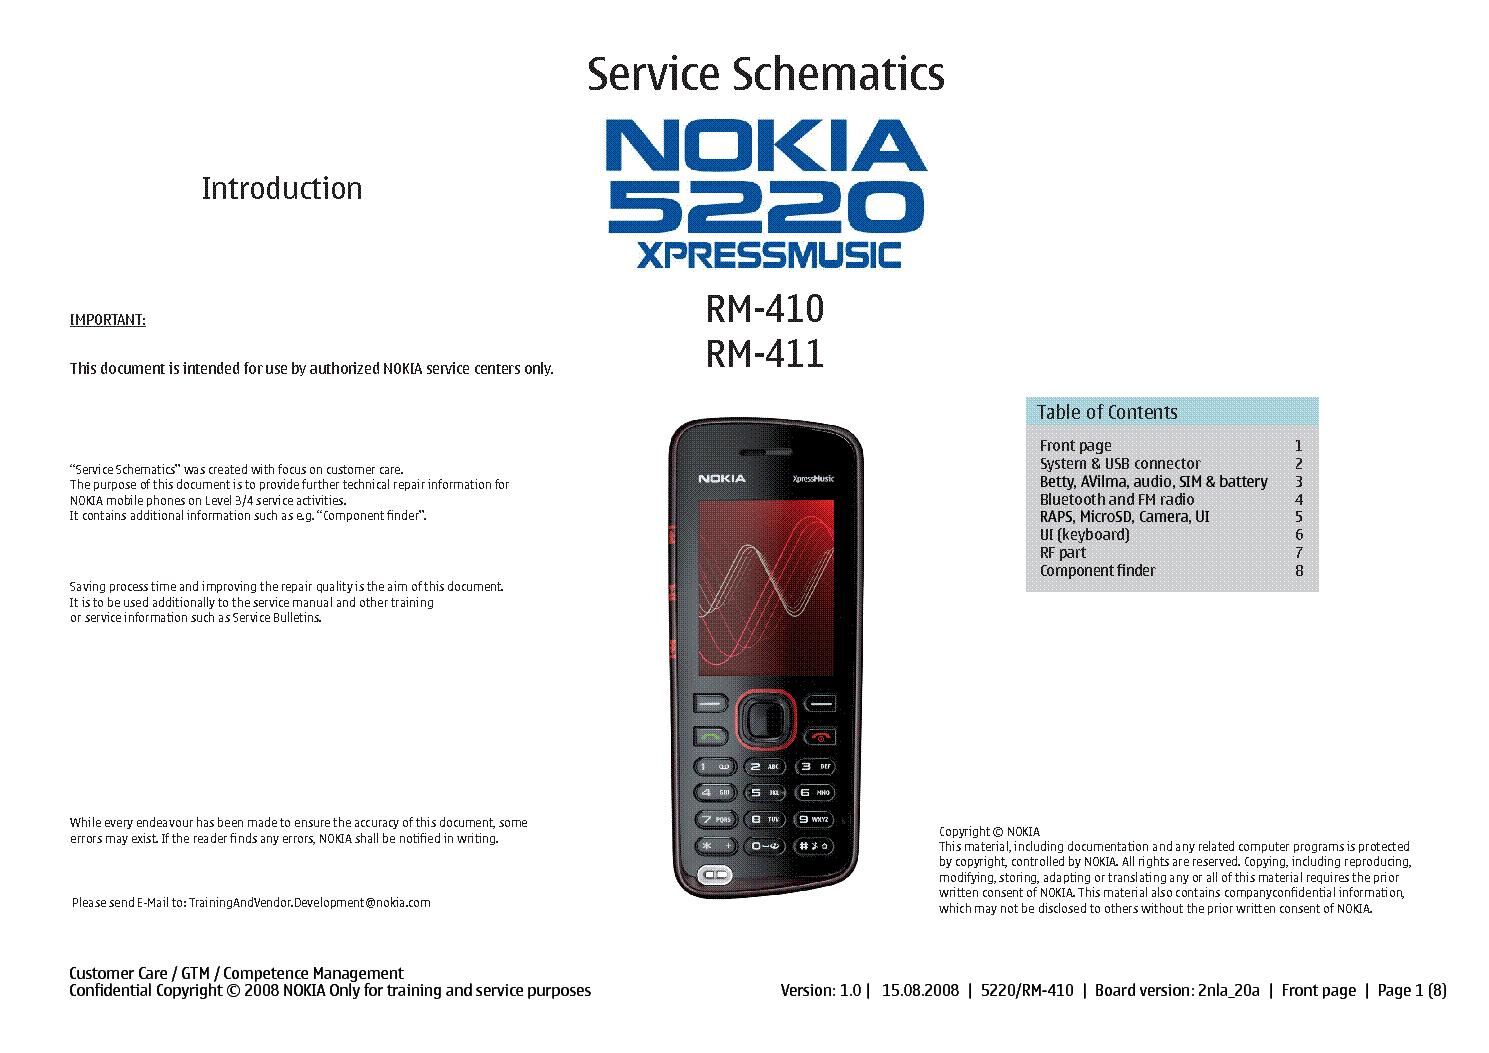 N96 NOKIA TÉLÉCHARGER WINRAR